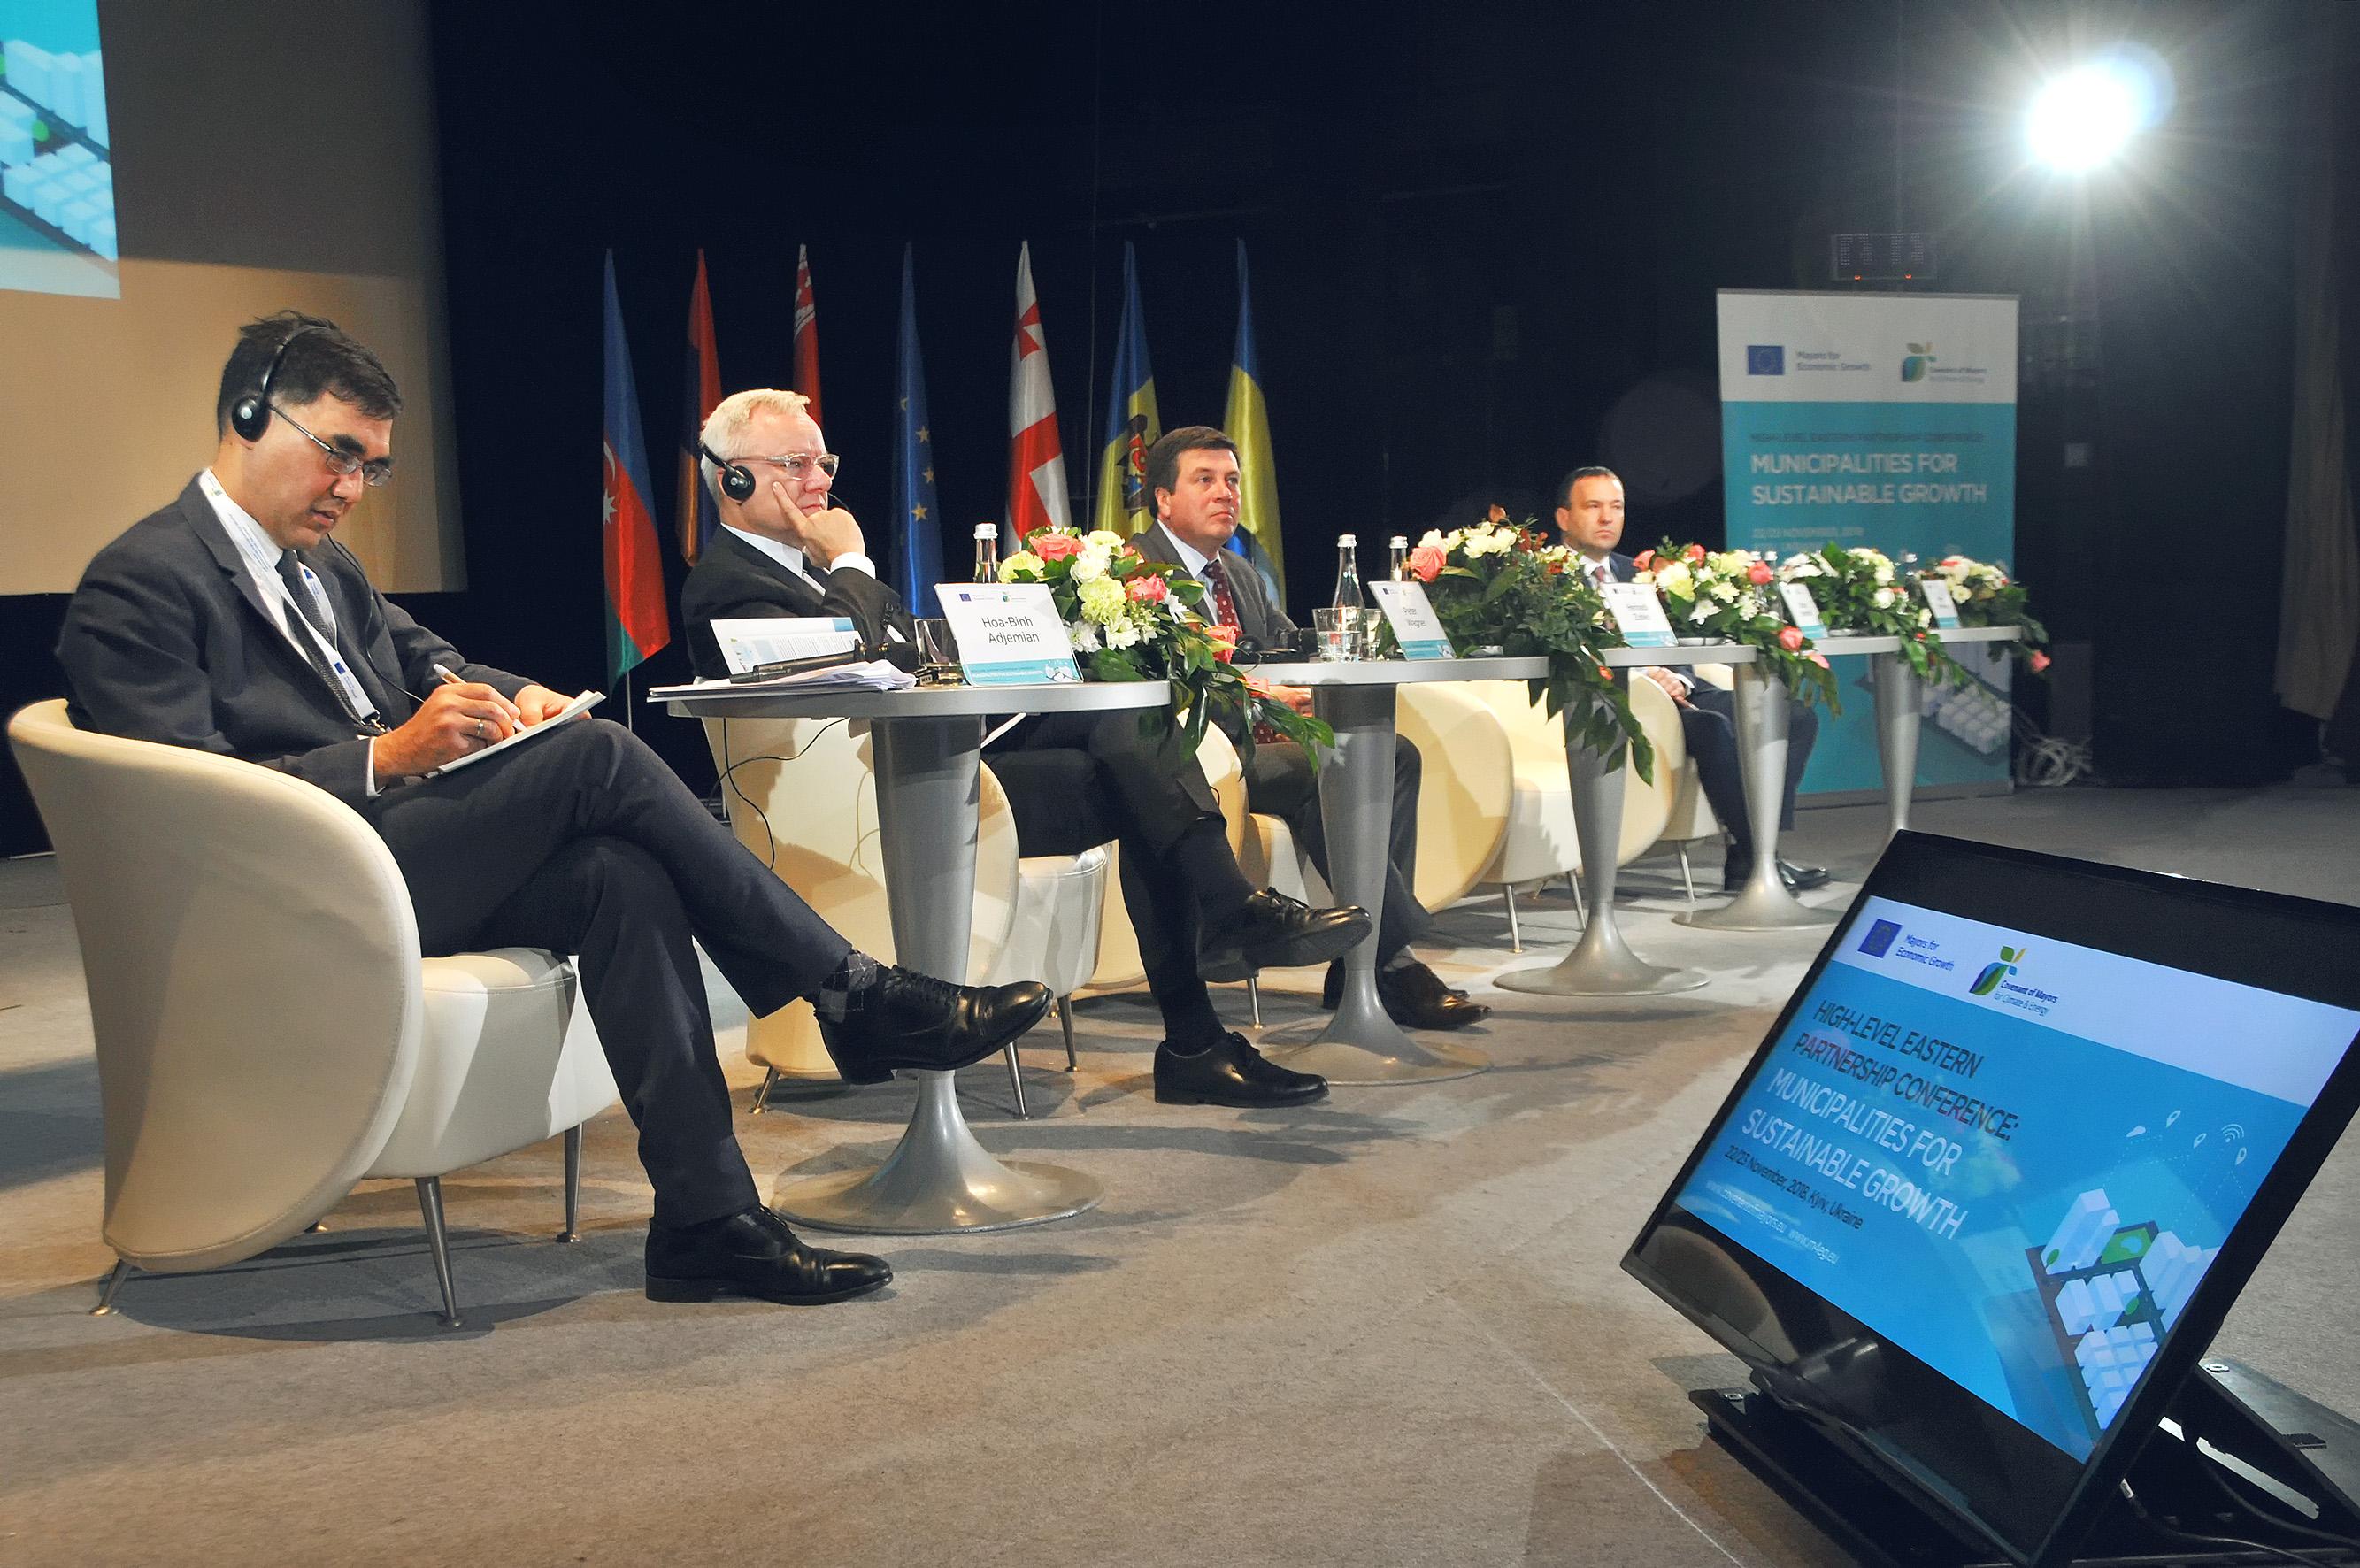 Două inițiative cheie ale UE, Convenția Primarilor și Primarii pentru Creștere Economică s-au unit pentru a aduce la Kiev peste 320 de primari din regiunea Parteneriatului Estic